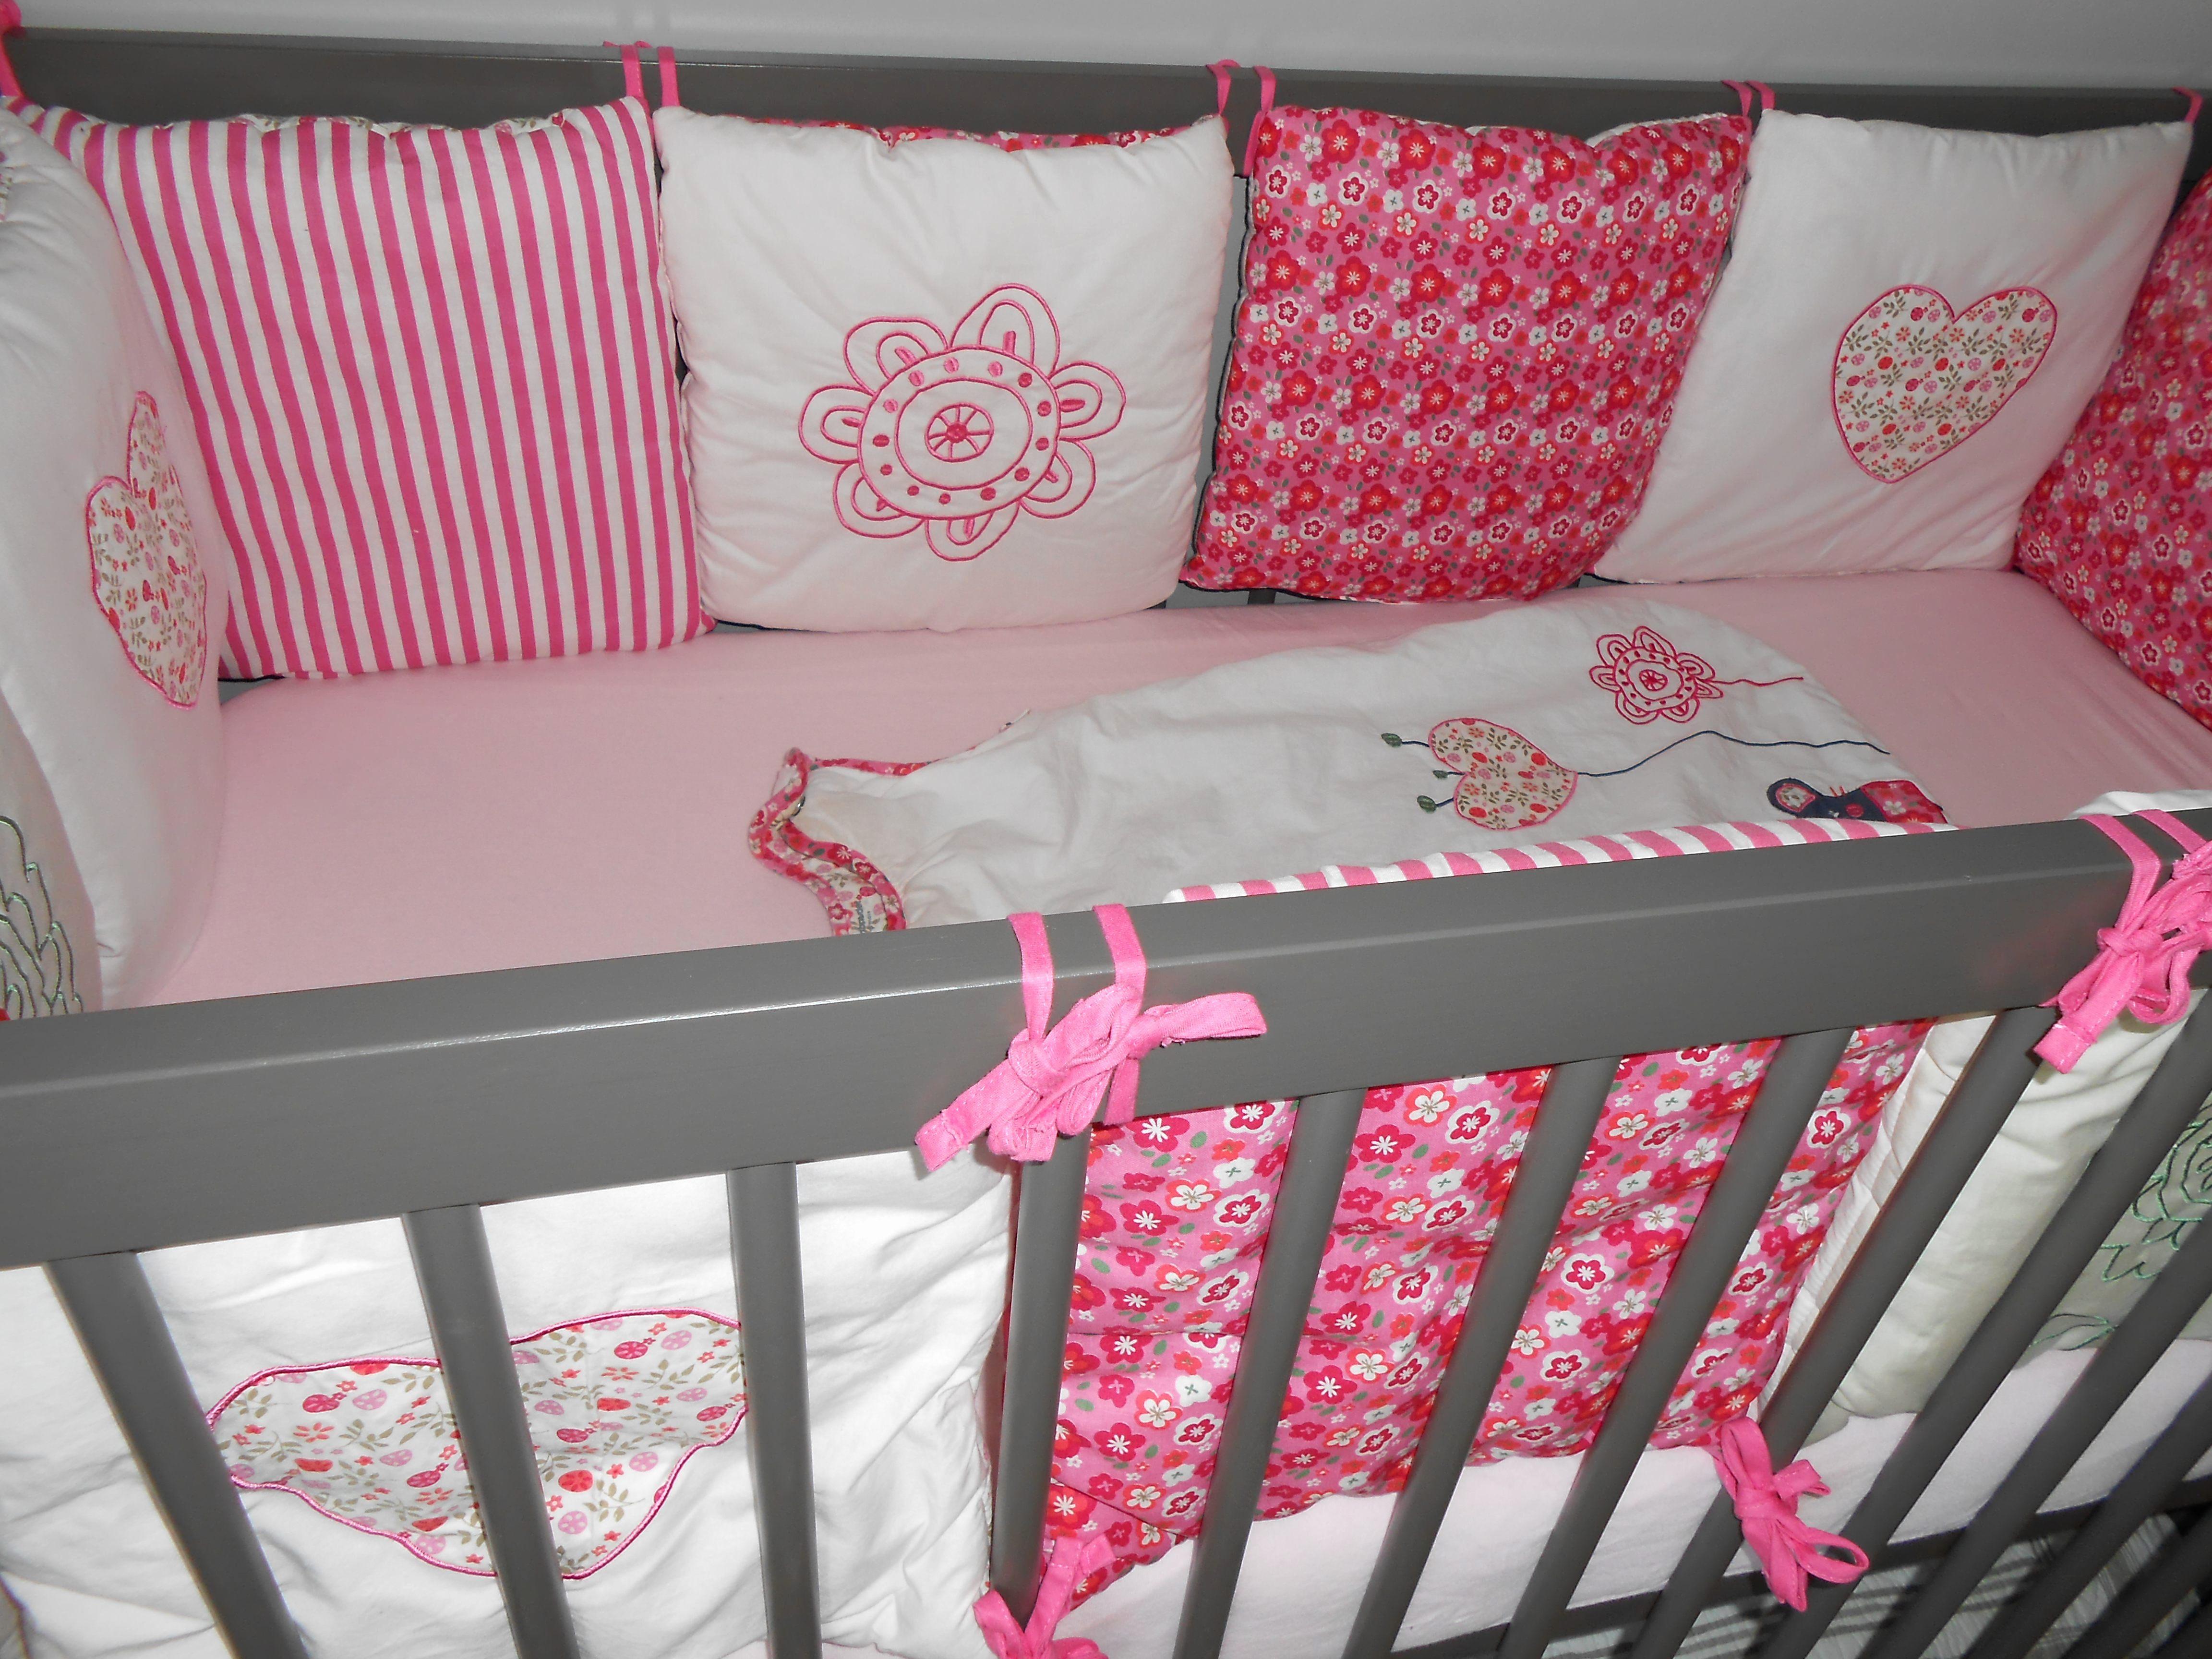 Lit Bébé Naissance Unique Chambre Bébé Fille Gris Et Rose Beau Chambre Bébé Fille Gris Et Rose